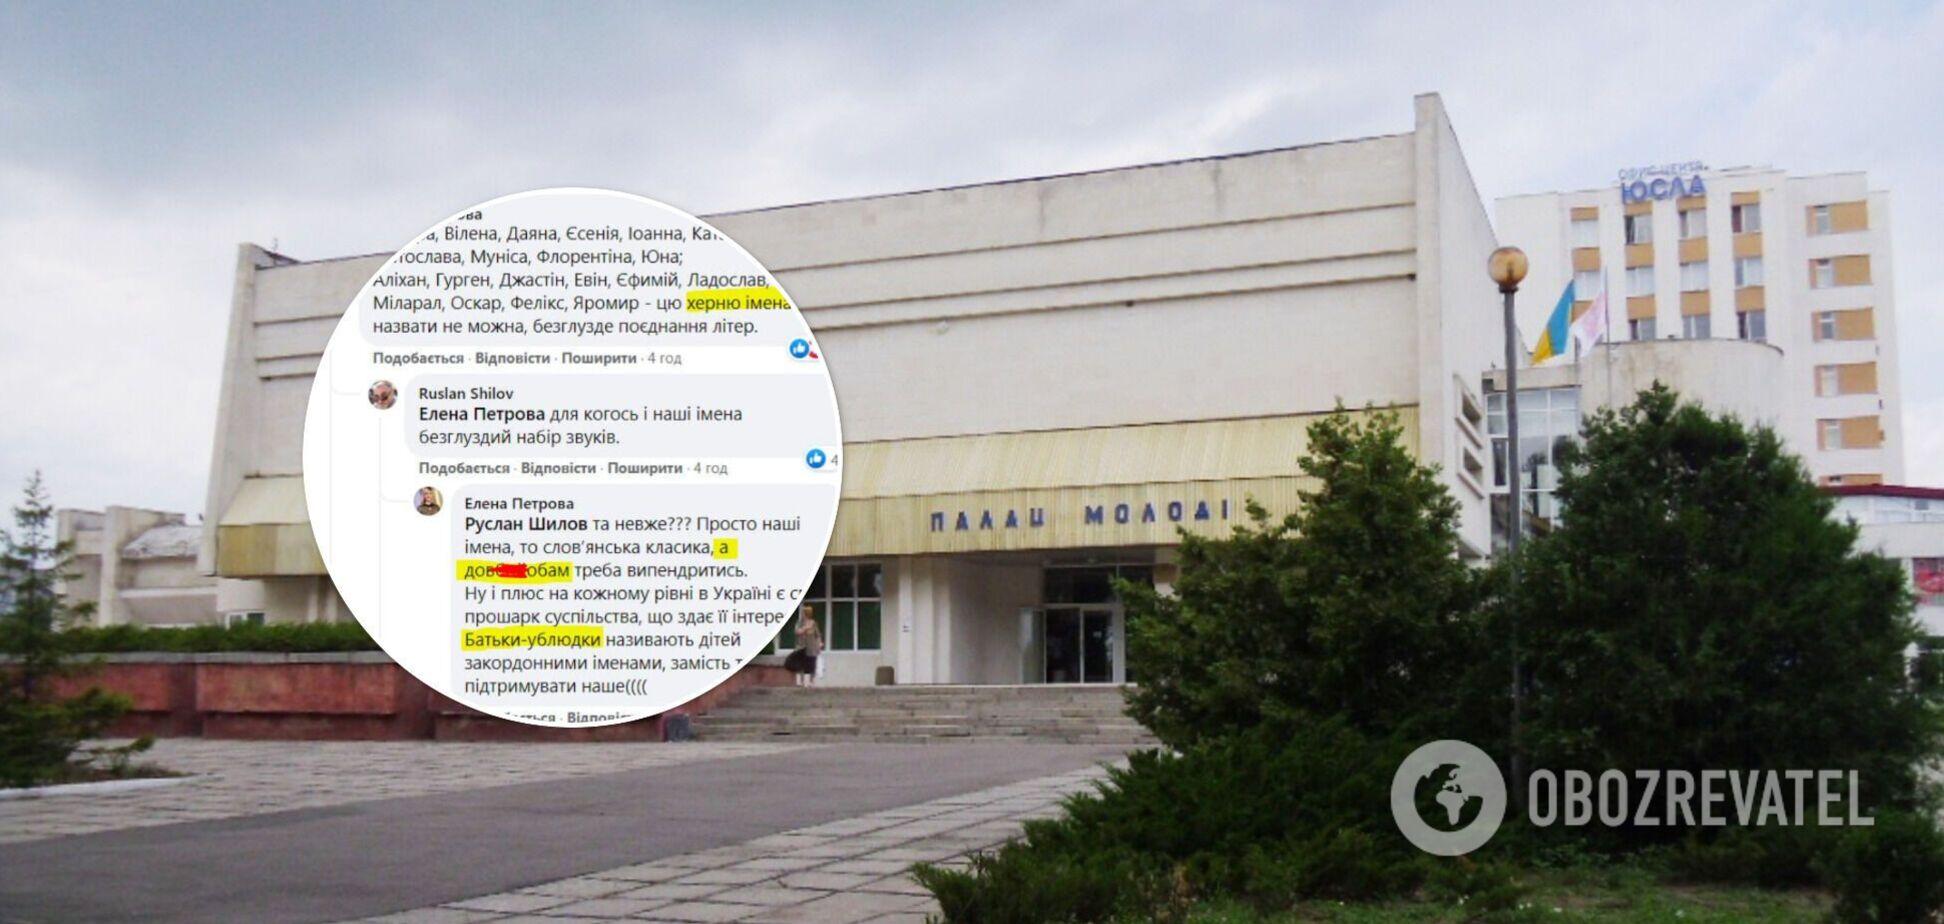 В Черкассах директор дворца молодежи обозвала родителей 'ублюдками' за необычные имена детям